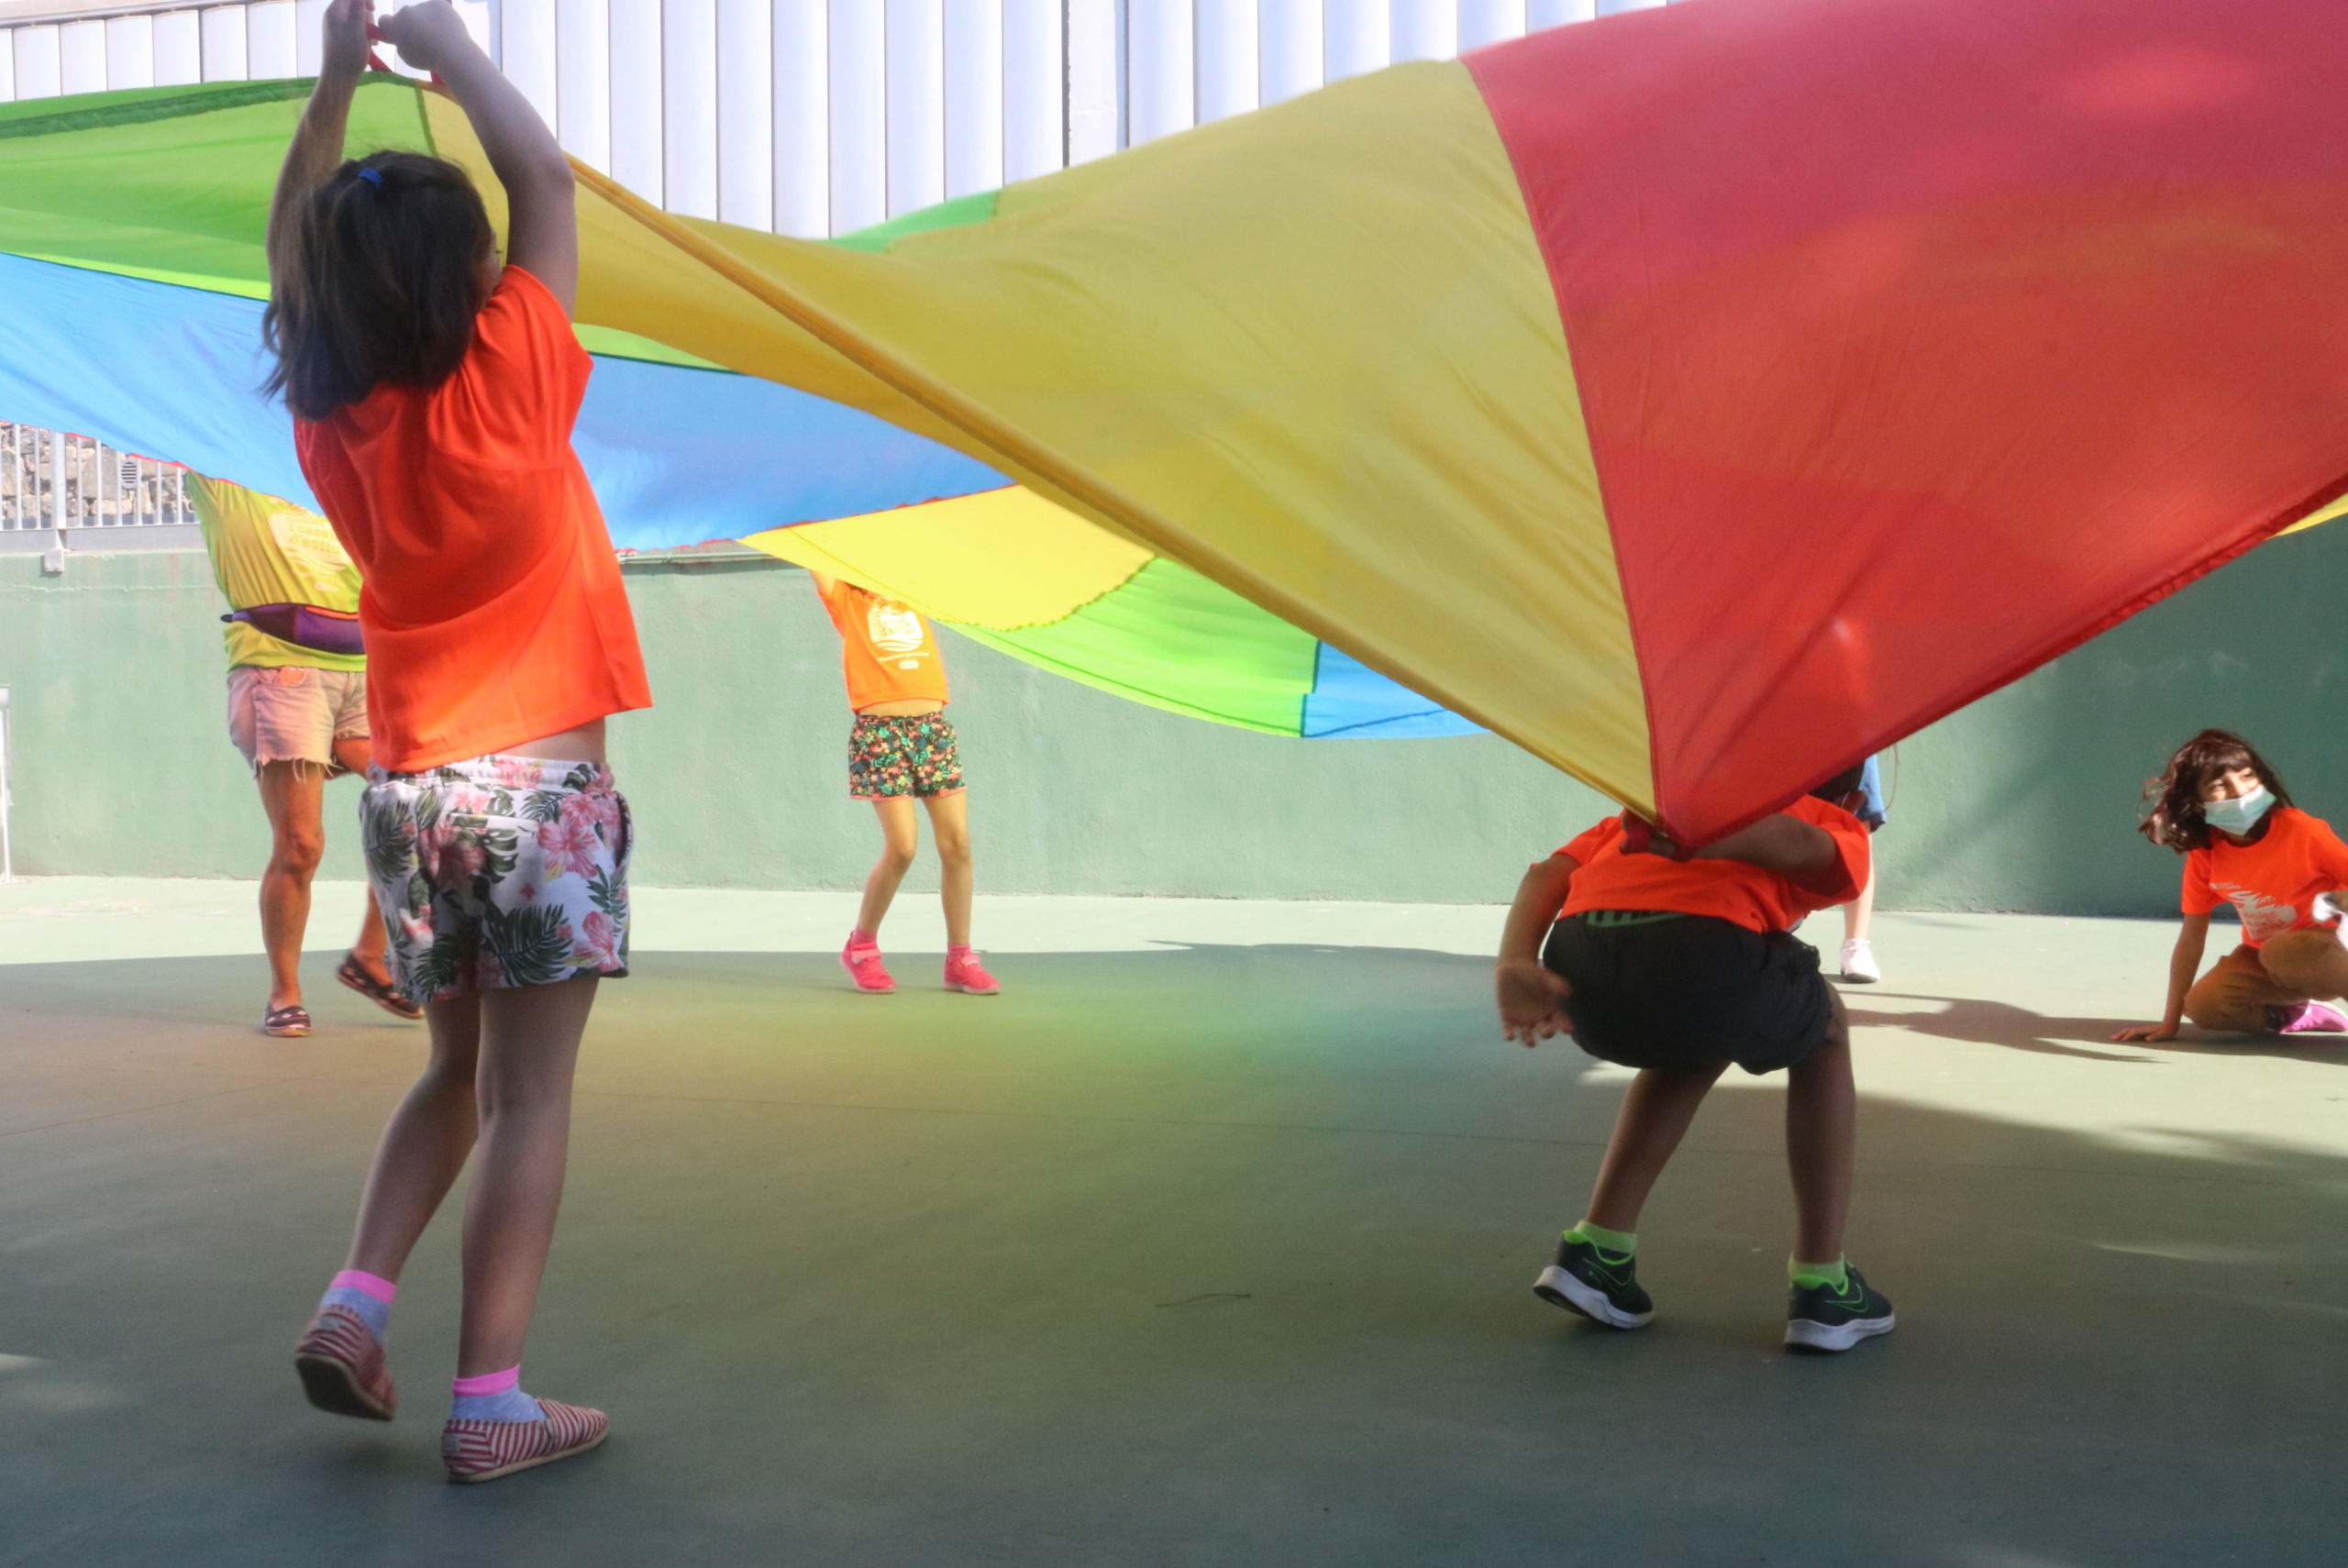 Un grup d'infants en un casal d'estiu a Barcelona en una activitat respectant la distància de seguretat el juny del 2020 / ACN